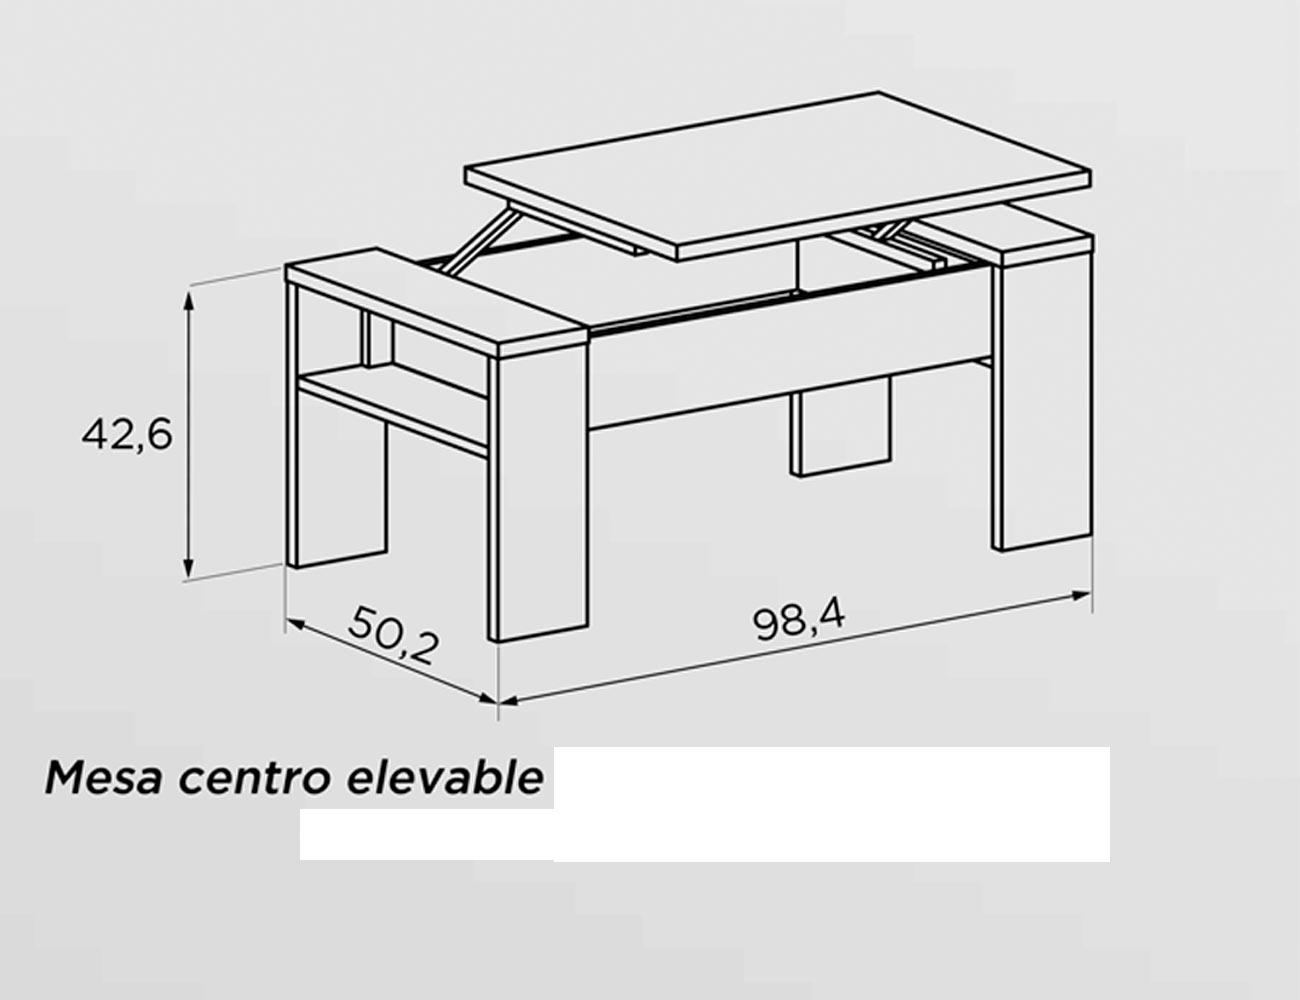 Tecnico mesa centro elevable 981